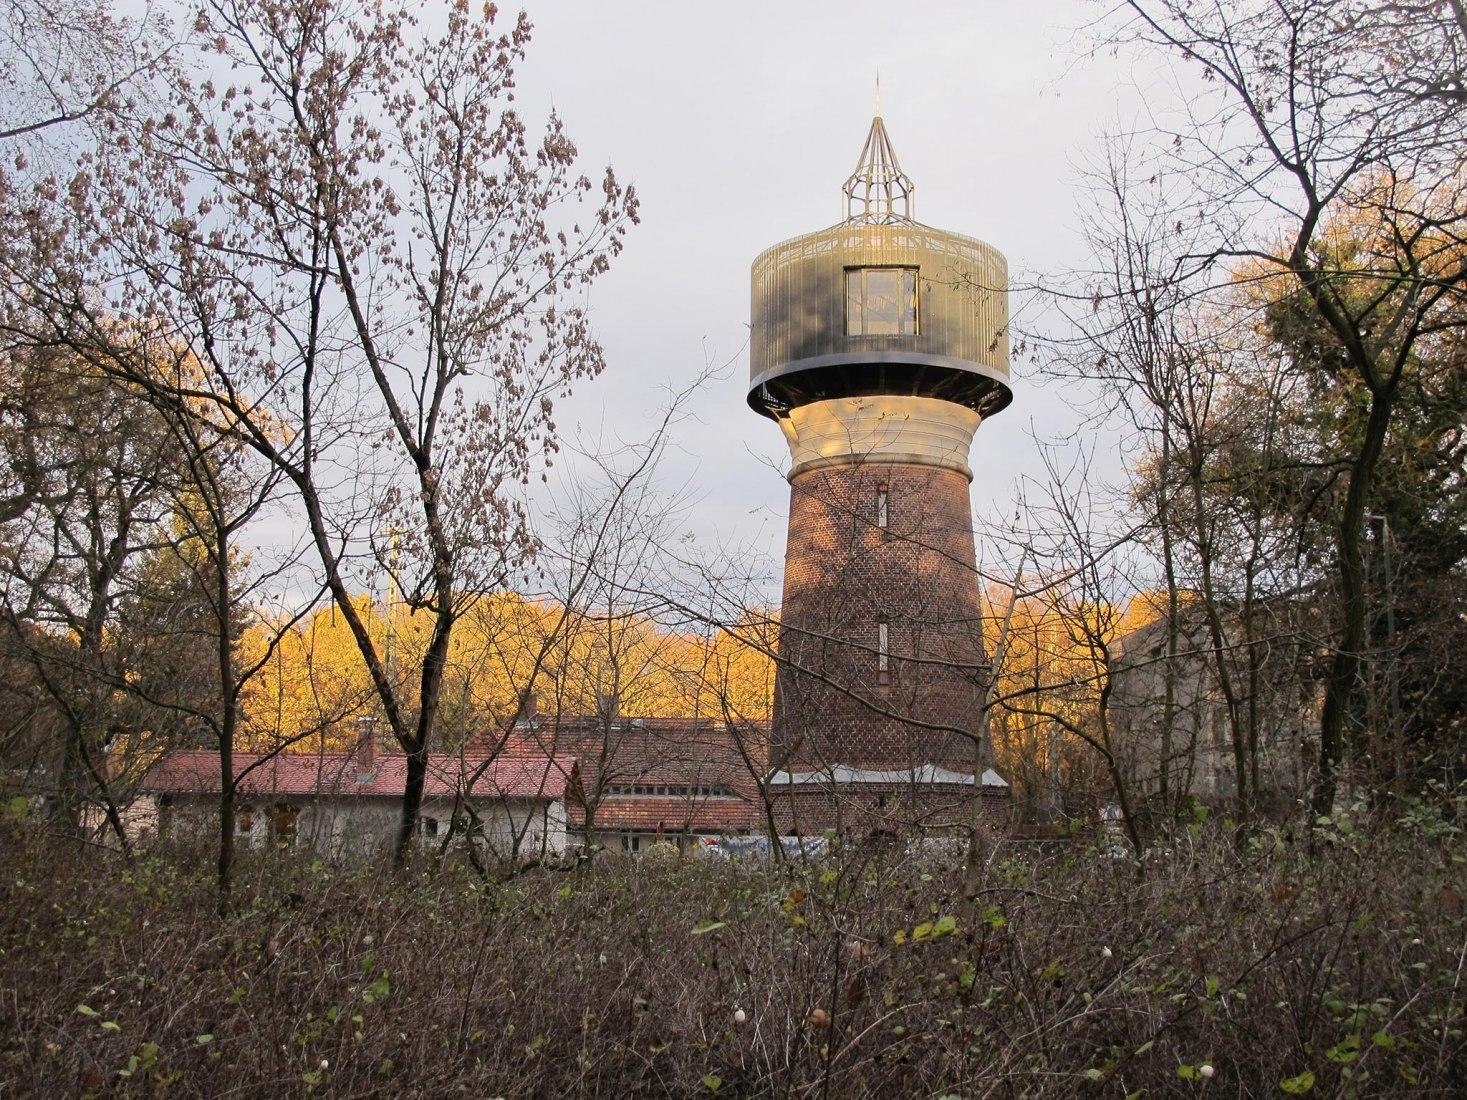 Rehabilitación de un depósito de agua elevado por Wirth Alonso Architekten. Fotografía por Wirth Alonso Architekten.